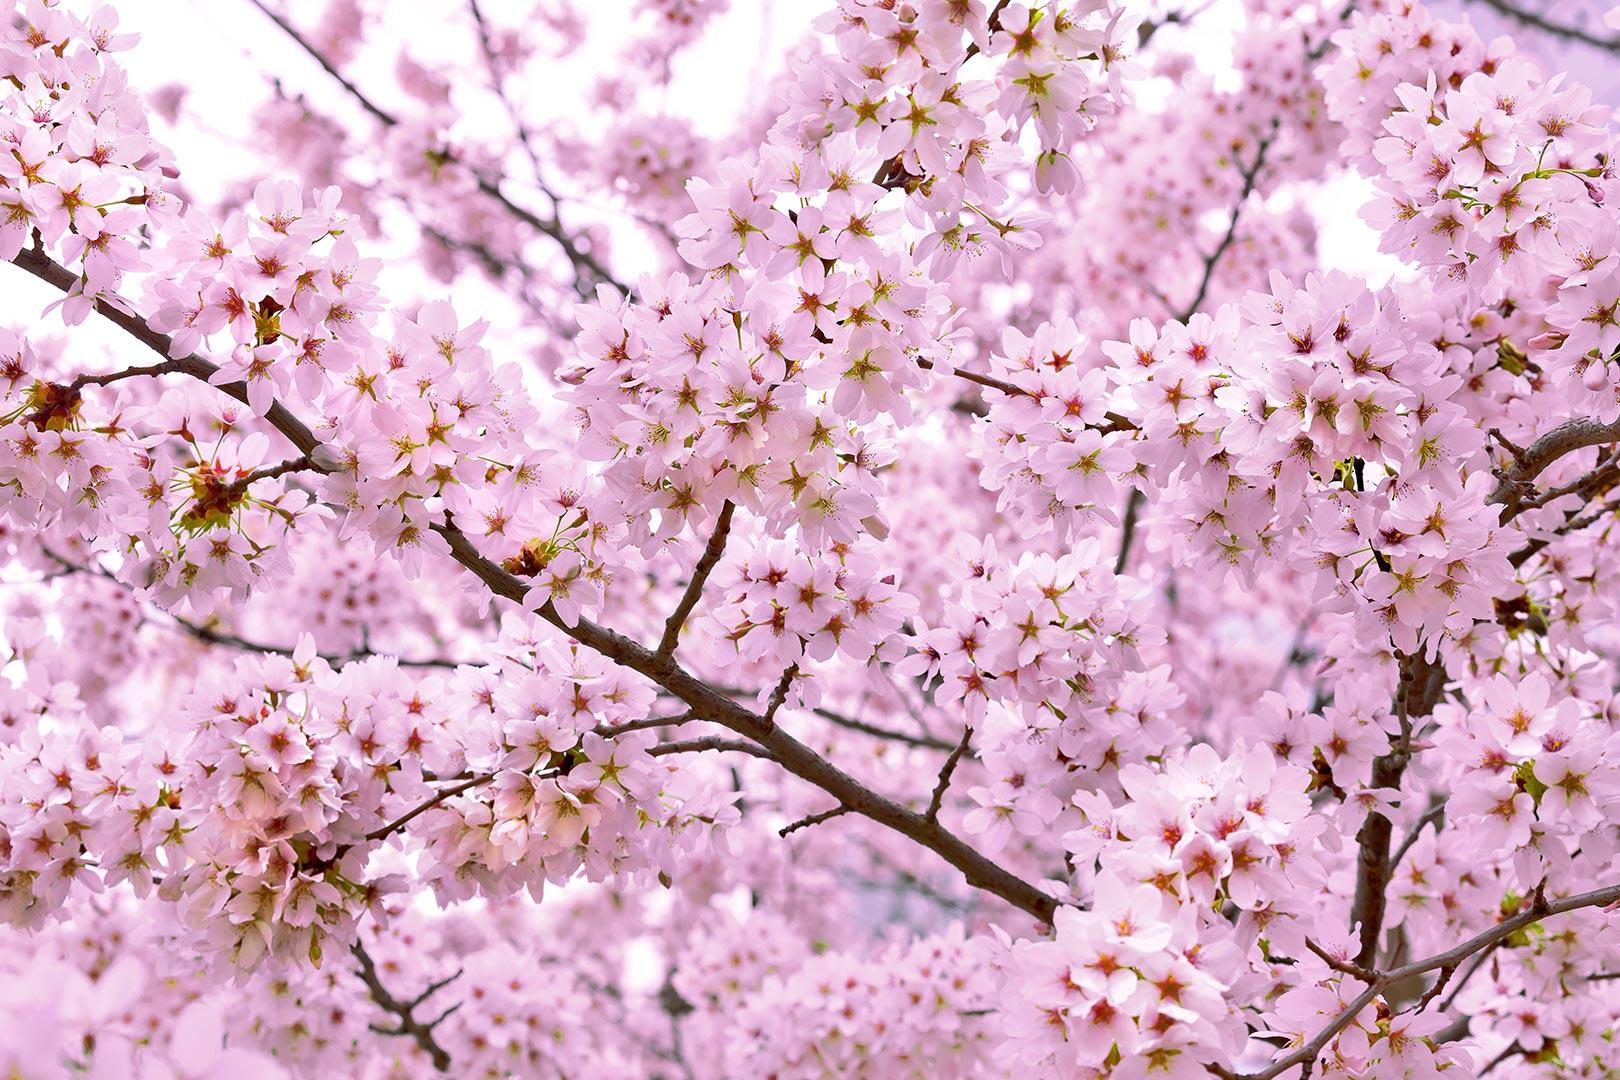 Το δέντρο που φέρνει την άνοιξη, η Αμυγδαλιά